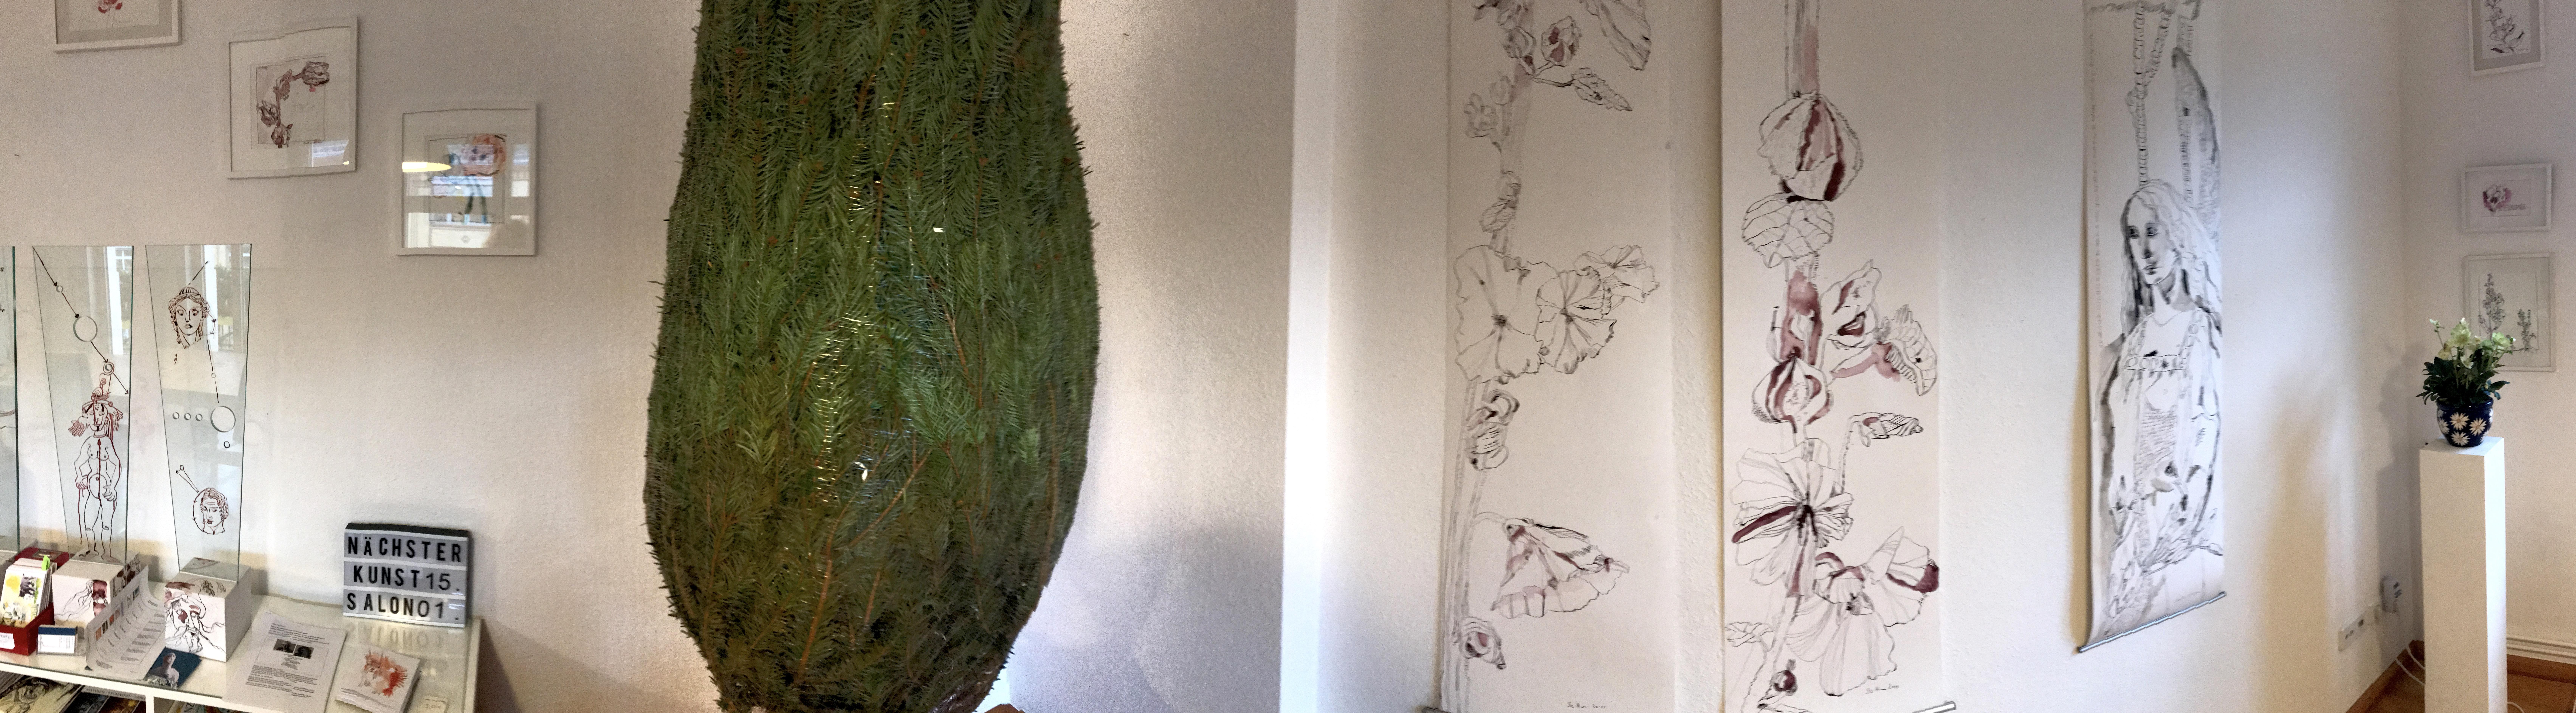 Vorweihnachtszeit - Galerieraum - Foto von Susanne Haun (c) VG Bild Kunst, Bonn 2018